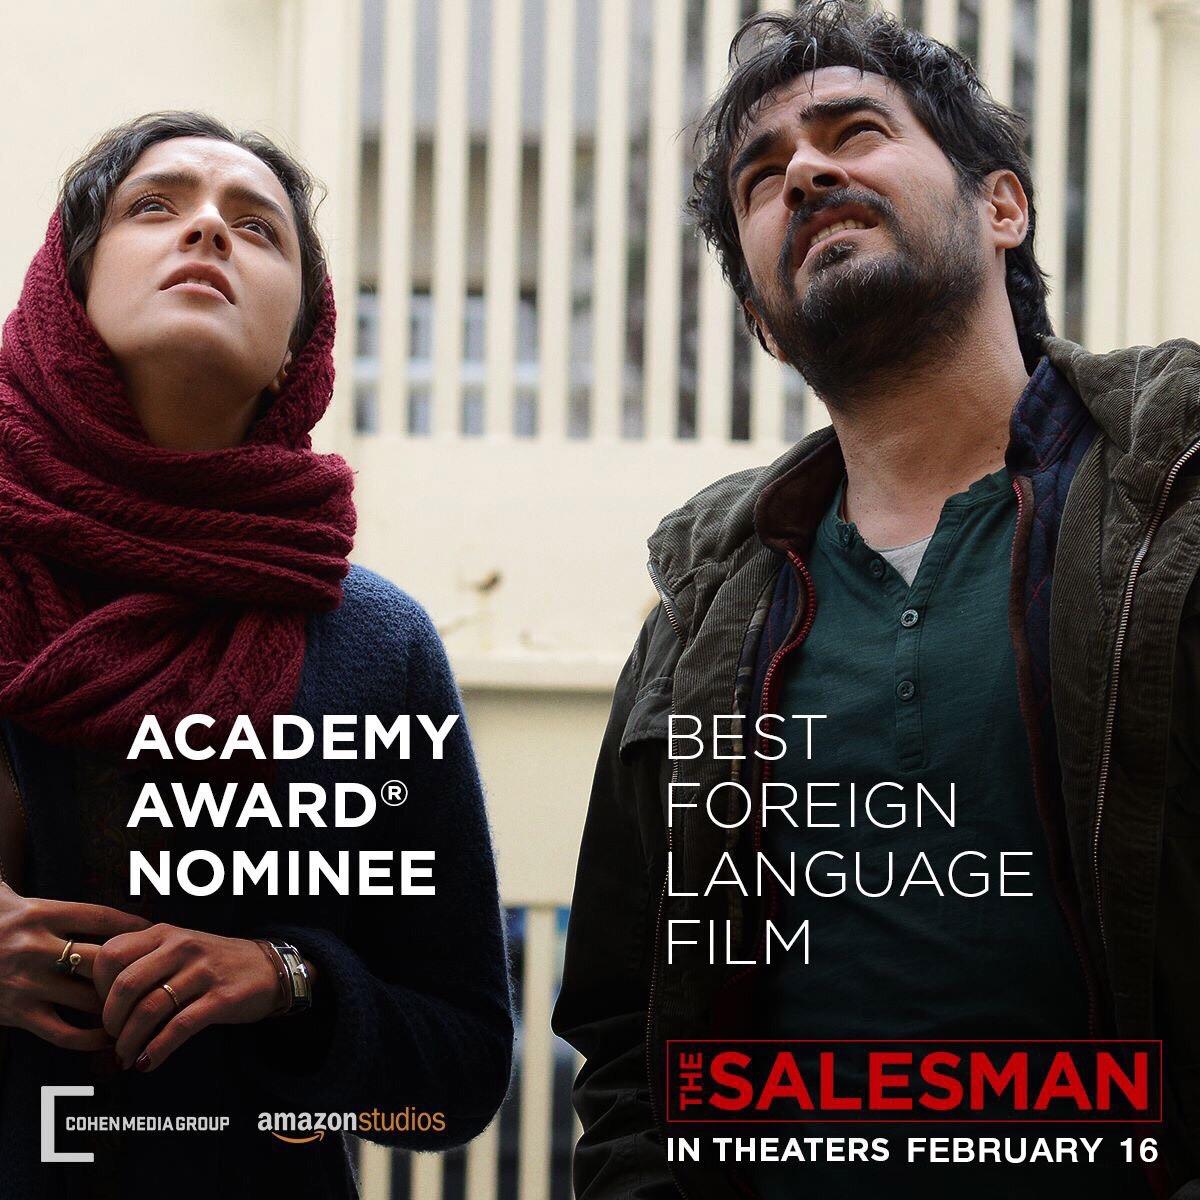 """อัสการ์ ฟาร์ฮาดี - เป็นไปได้ไหมกับ """"ออสการ์"""" ตัวที่ 2การกลับมาพร้อมหนังดราม่าสุดระทึกThe Salesman (เดอะ เซลส์แมน ) เข้าชิงรางวัลออสการ์ สาขาภาพยนตร์ภาษาต่างประเทศยอดเยี่ยมปี 2017"""